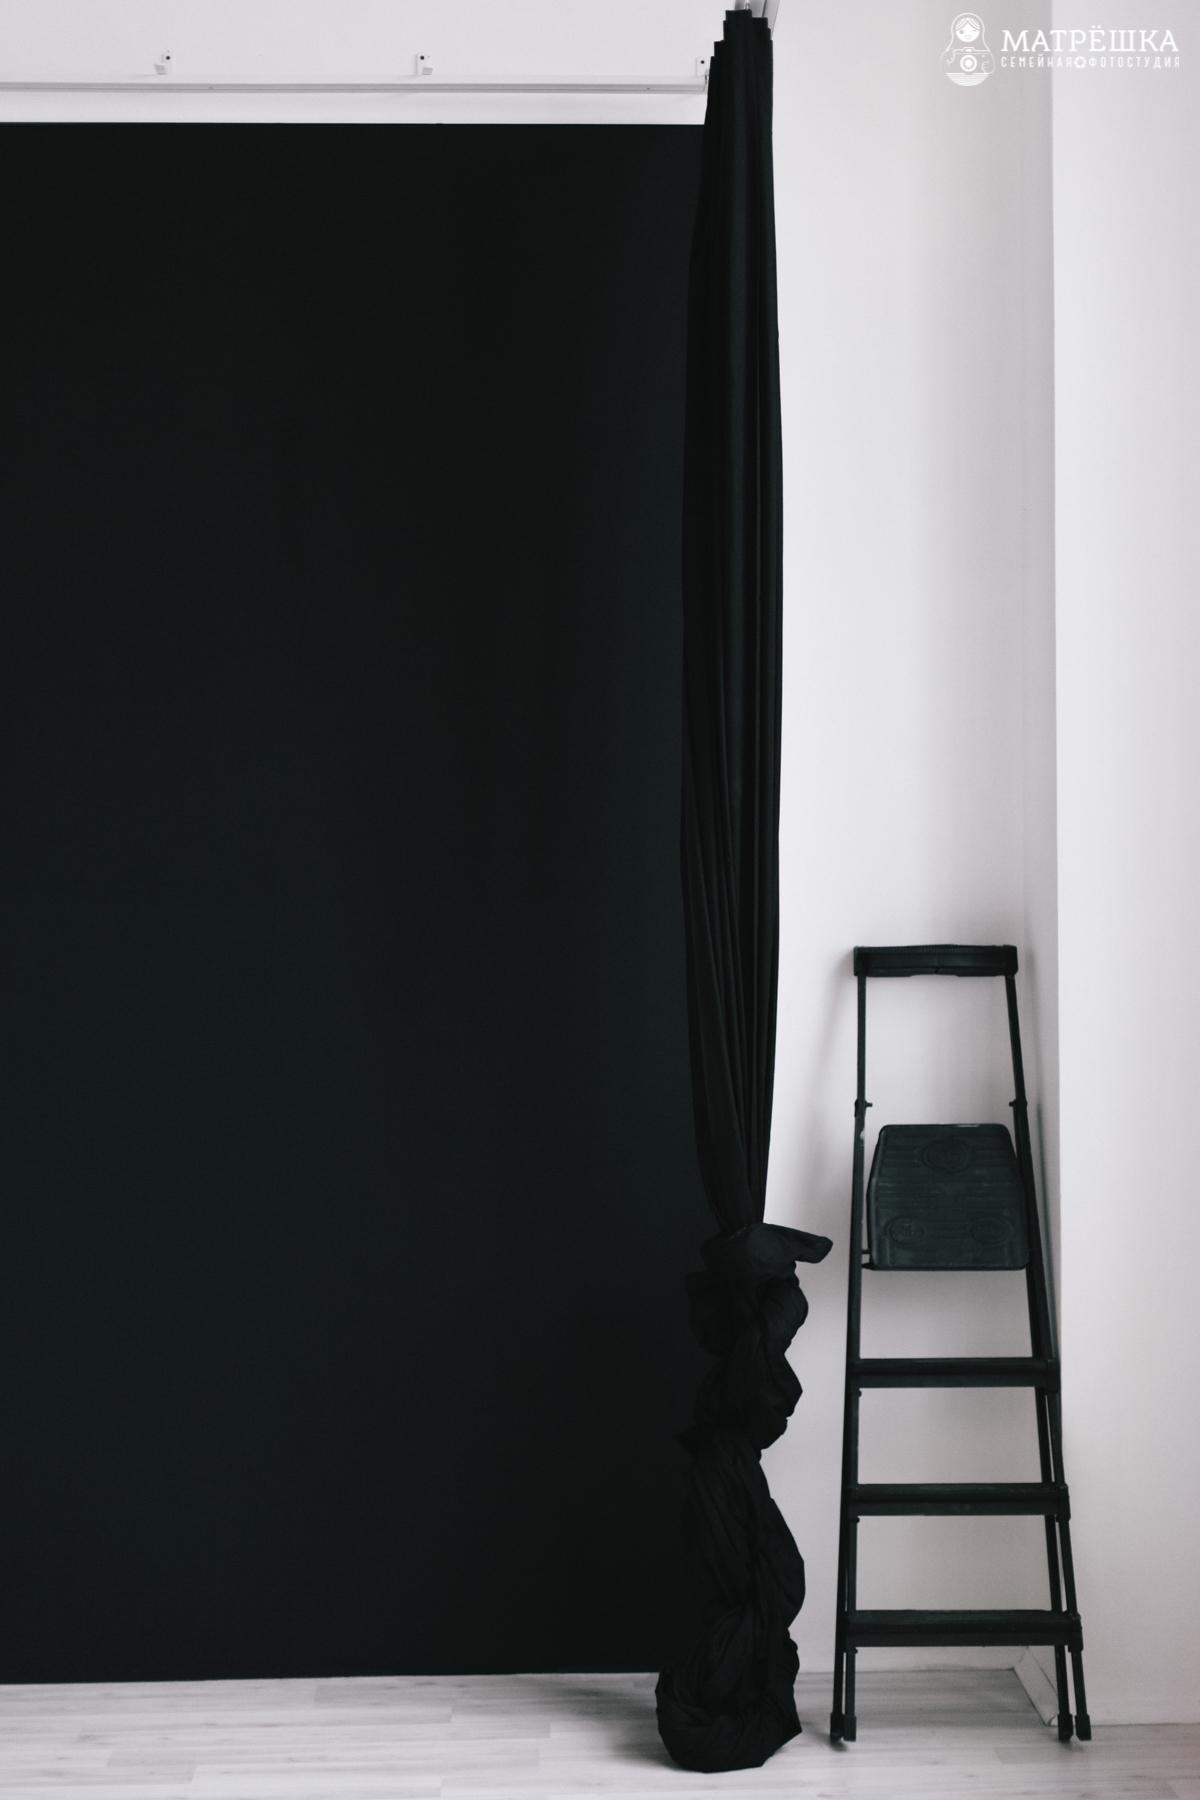 чёрный фон и меловая доска в студии